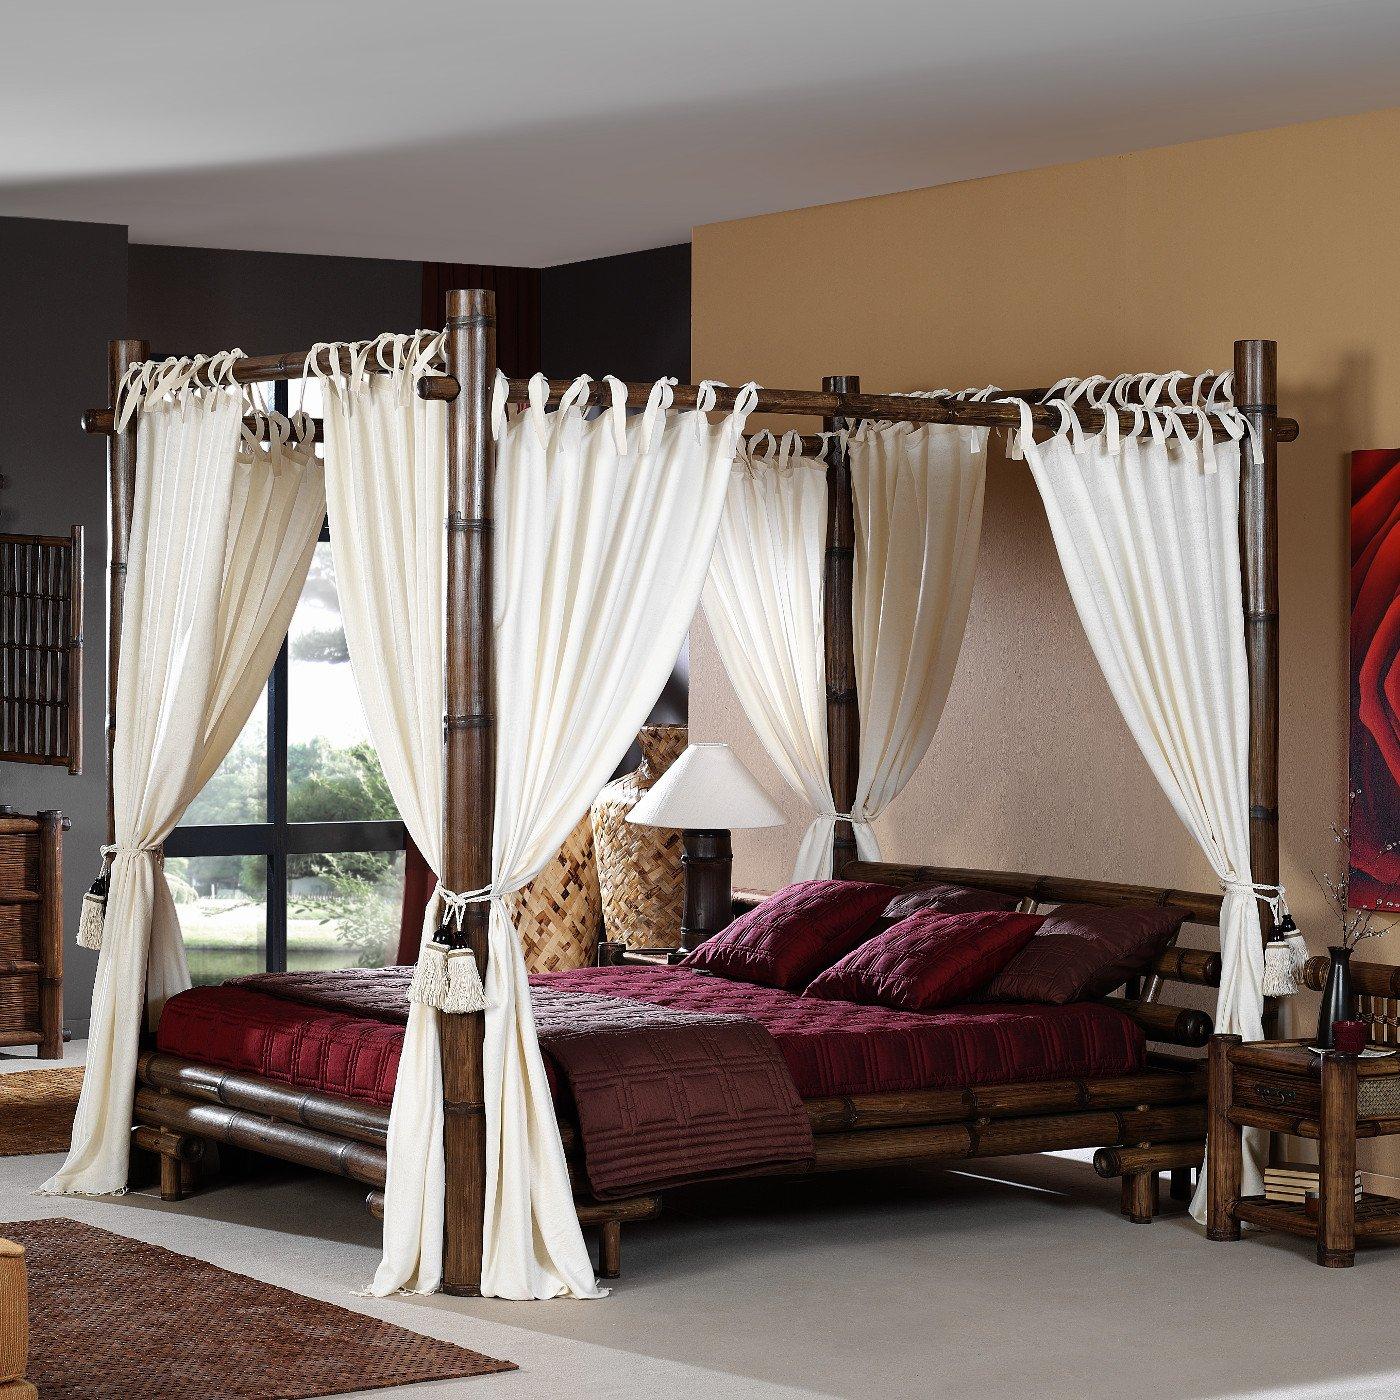 Schlafzimmer Gestalten Mit Bambusbett. Jugend Schlafzimmer